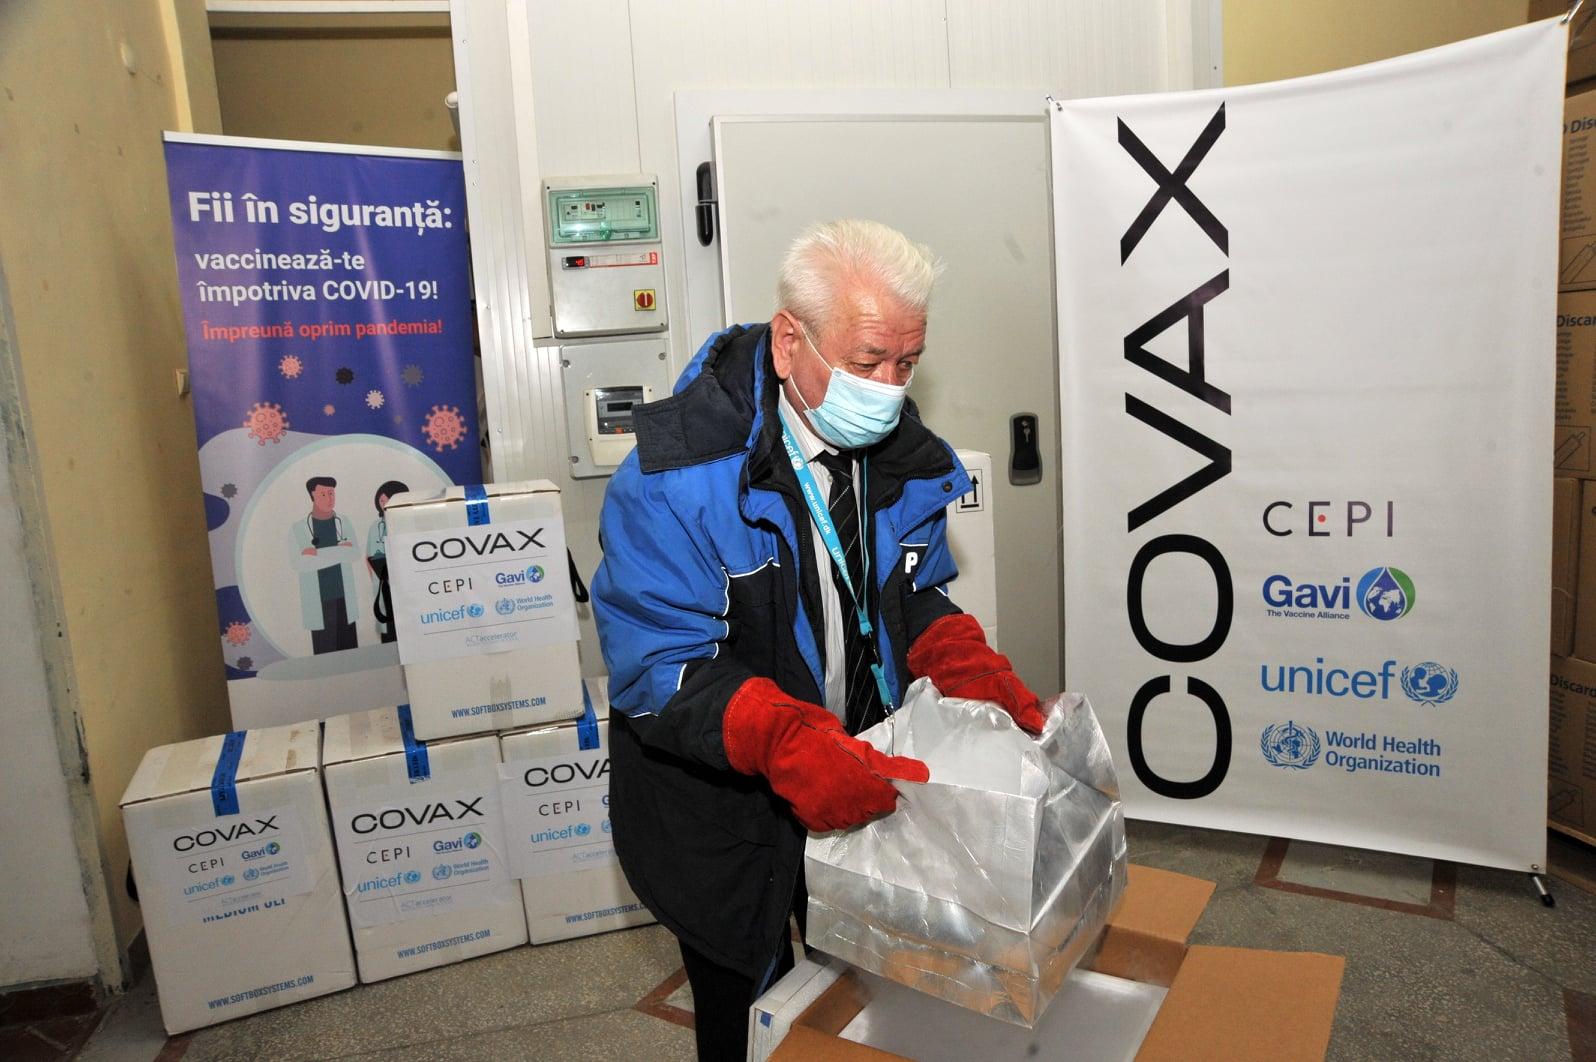 ВМолдову доставили более 50тыс. доз вакцины откоронавируса Pfizer (ФОТО)